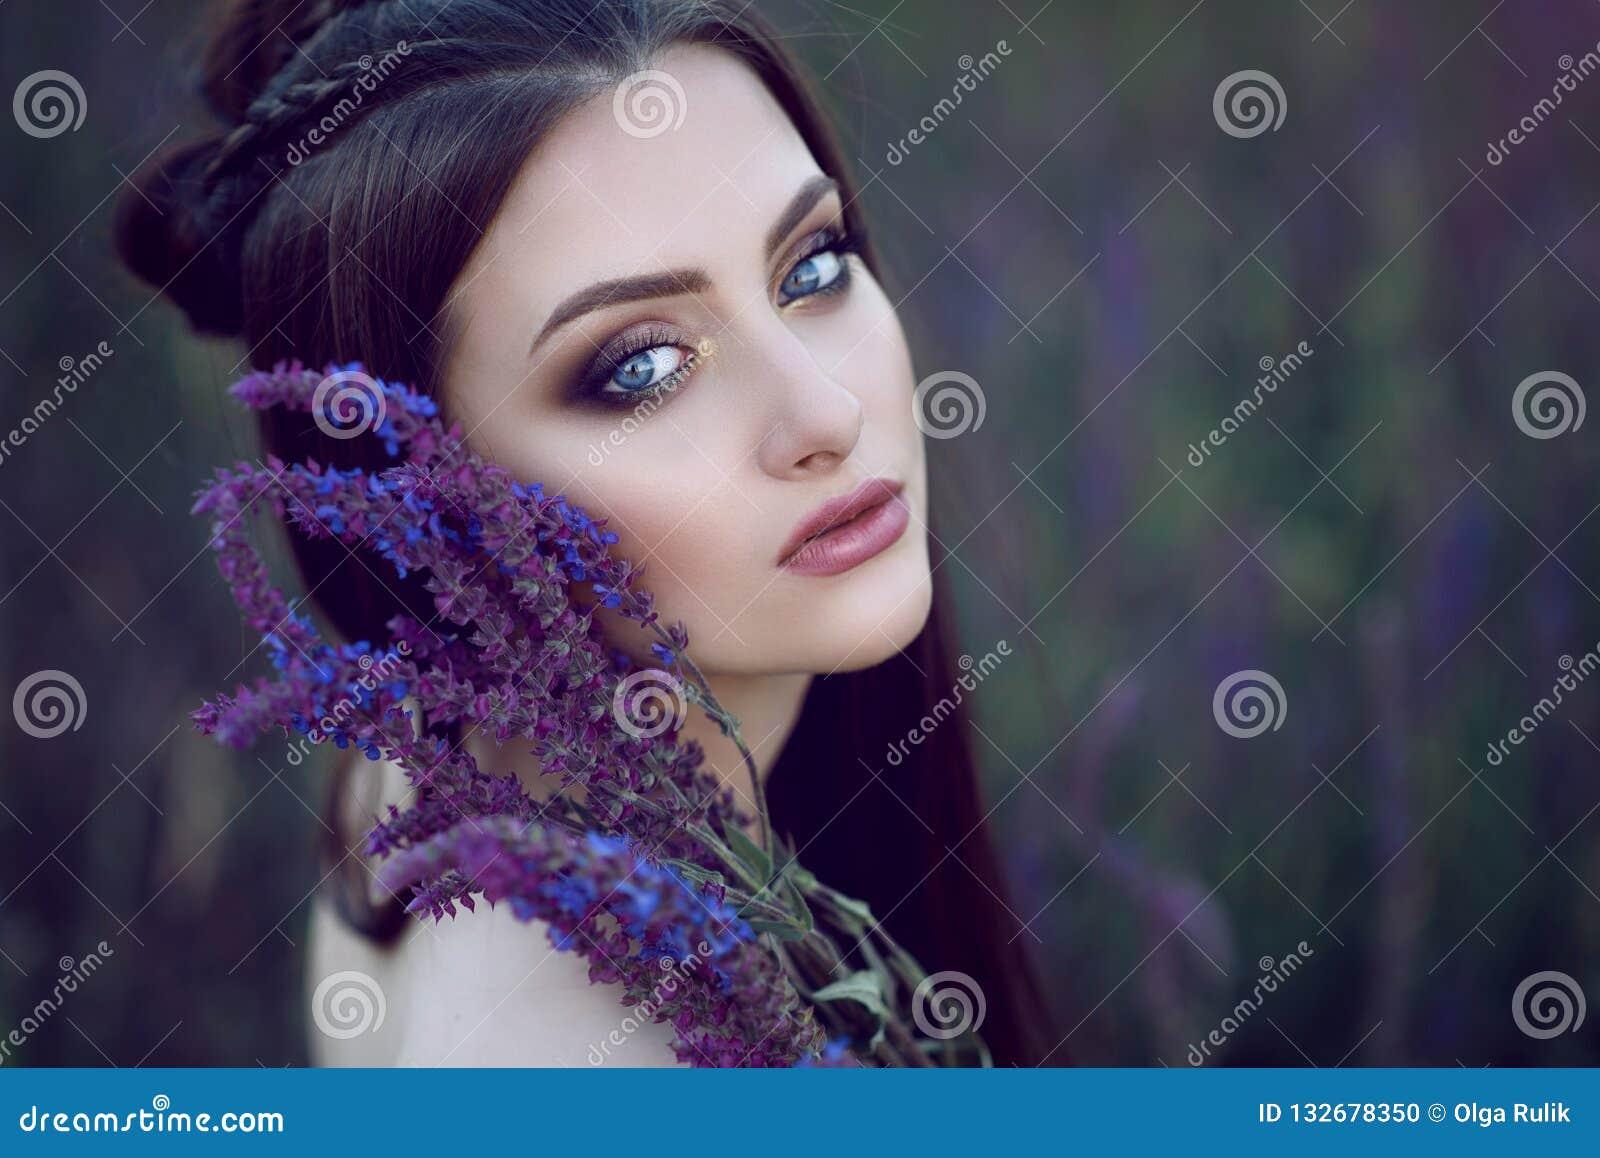 Bella signora favorita con perfetto compone e acconciatura intrecciata che si siede nel campo e che tiene i fiori porpora al suo